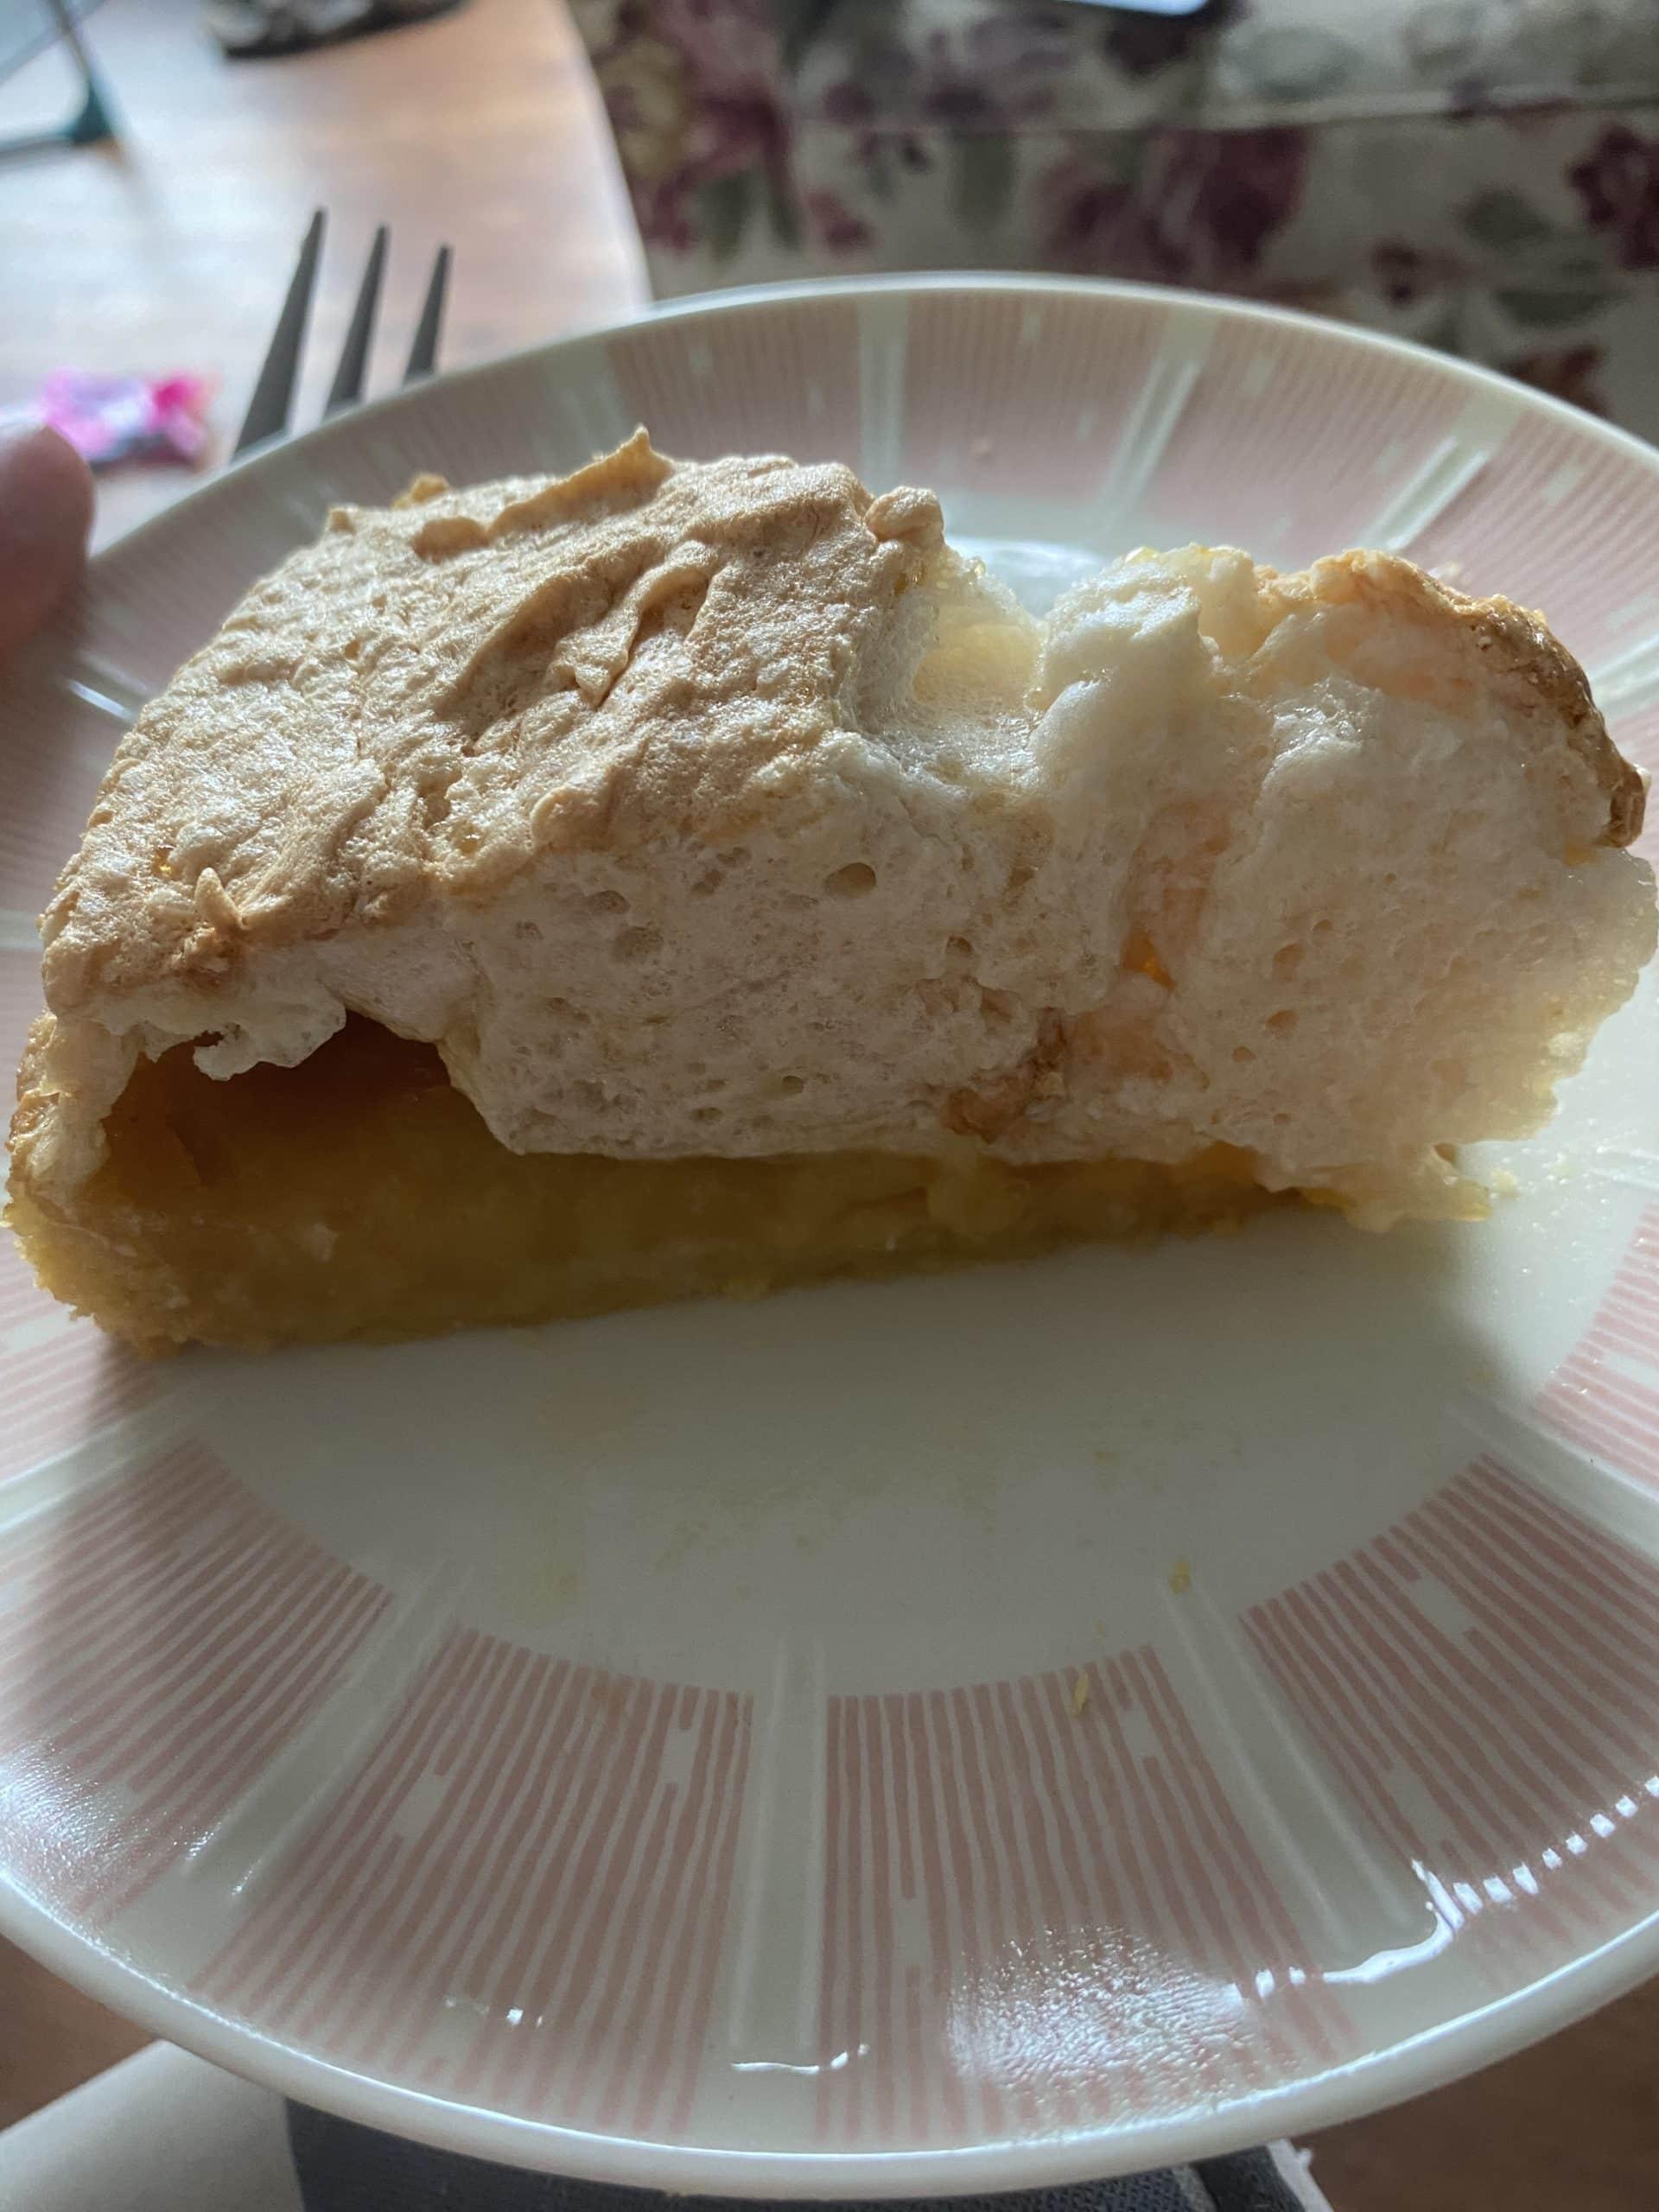 #8 Die Zitronentarte ist sehr gut, übrigens nach einem Rezept bei Frau Mutter gebacken.